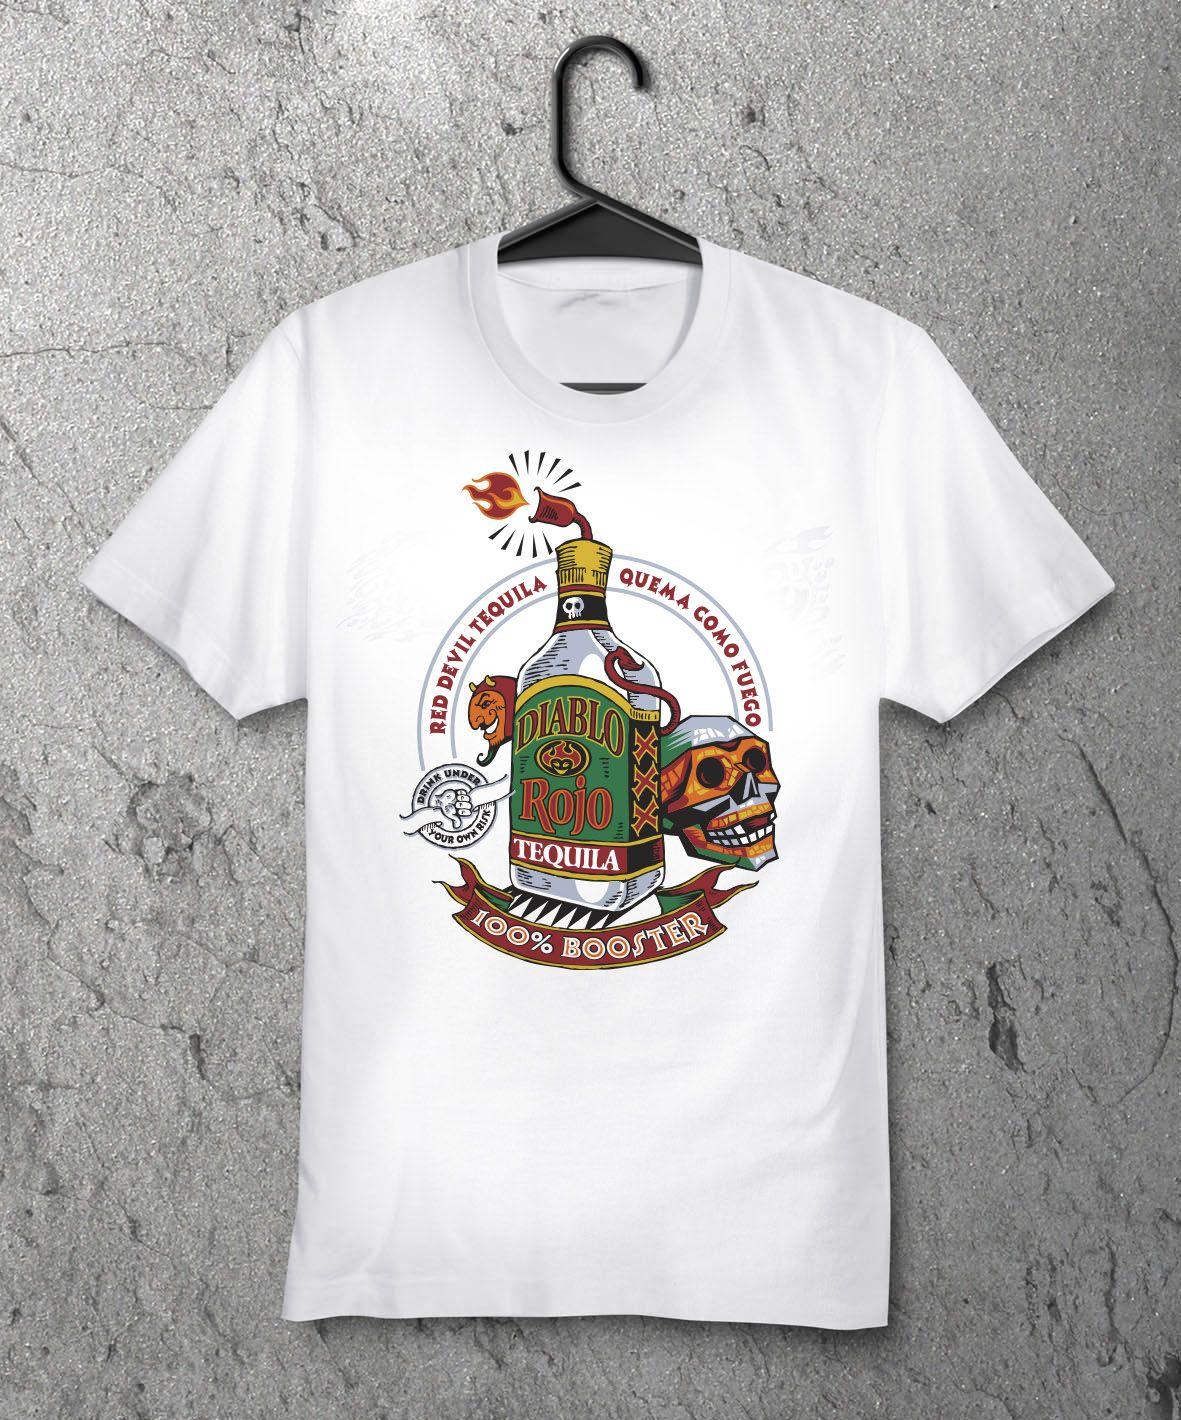 shirt designs mexico t sssss pinterest